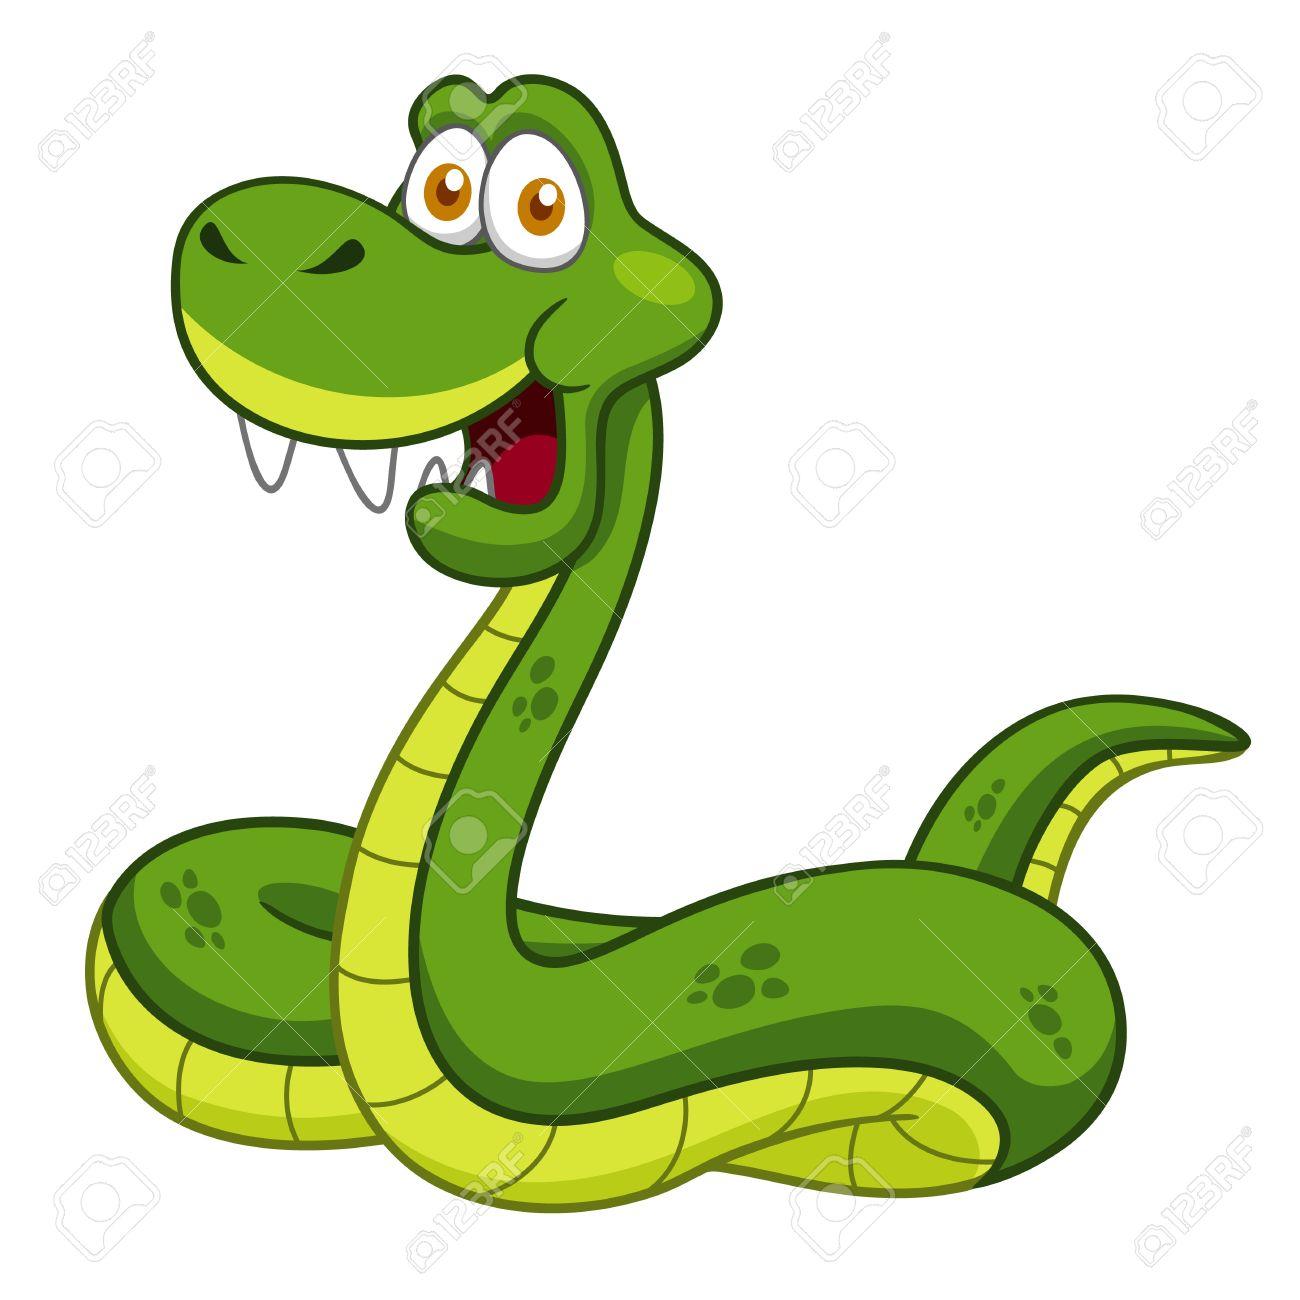 Illustration of Cartoon Snake Stock Vector - 16992089